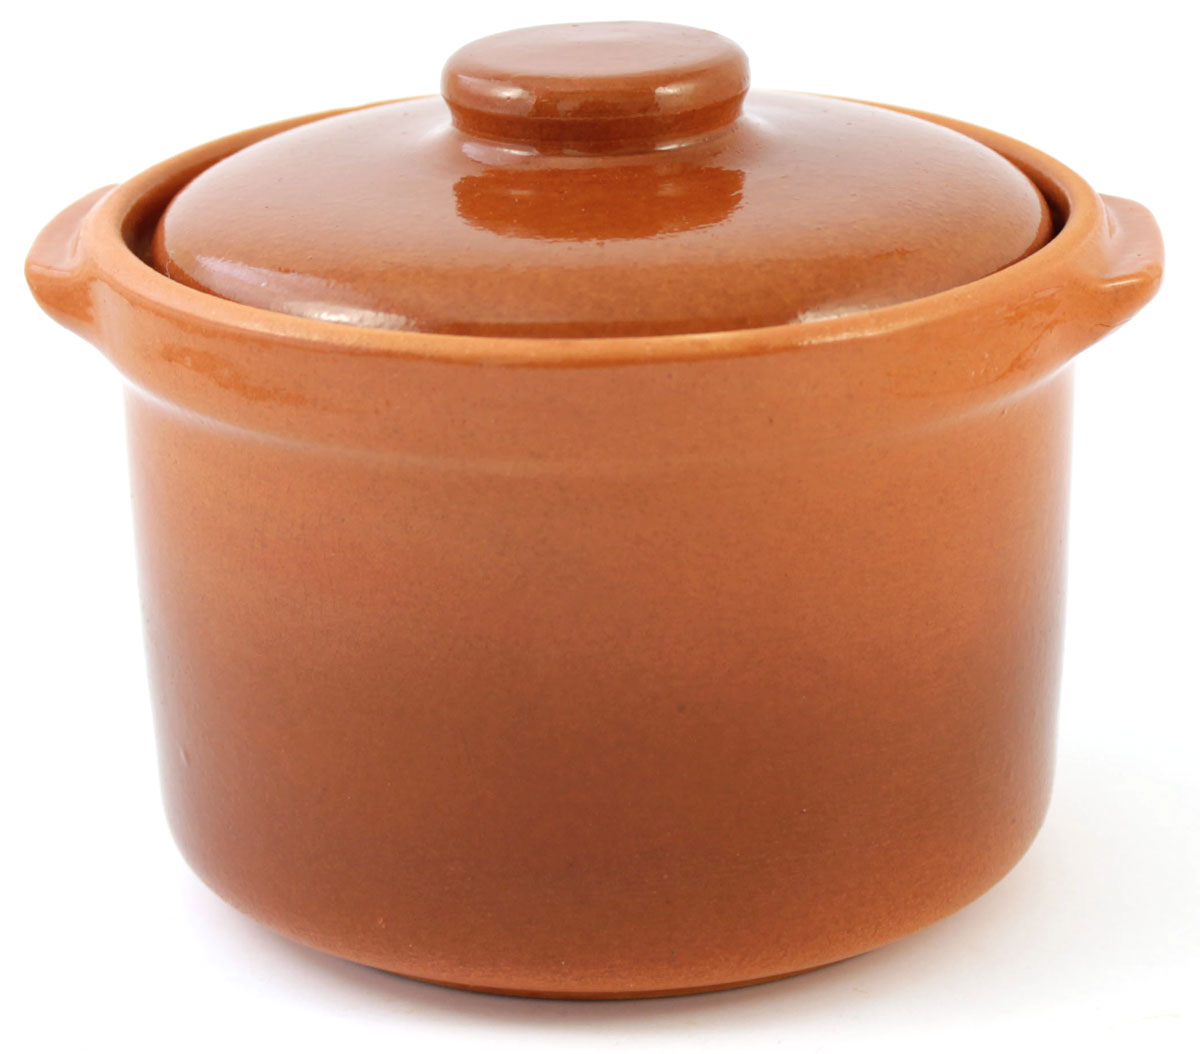 Кастрюля керамическая Ломоносовская керамика с крышкой, цвет: коричневый, 600 мл1ГС3-4Кастрюля Ломоносовская керамика выполнена из высококачественной глины. Покрытие абсолютно безопасно для здоровья, не содержит вредных веществ.Кастрюля оснащена удобными боковыми ручками и керамической крышкой. Она плотно прилегает к краям посуды, сохраняя аромат блюд.